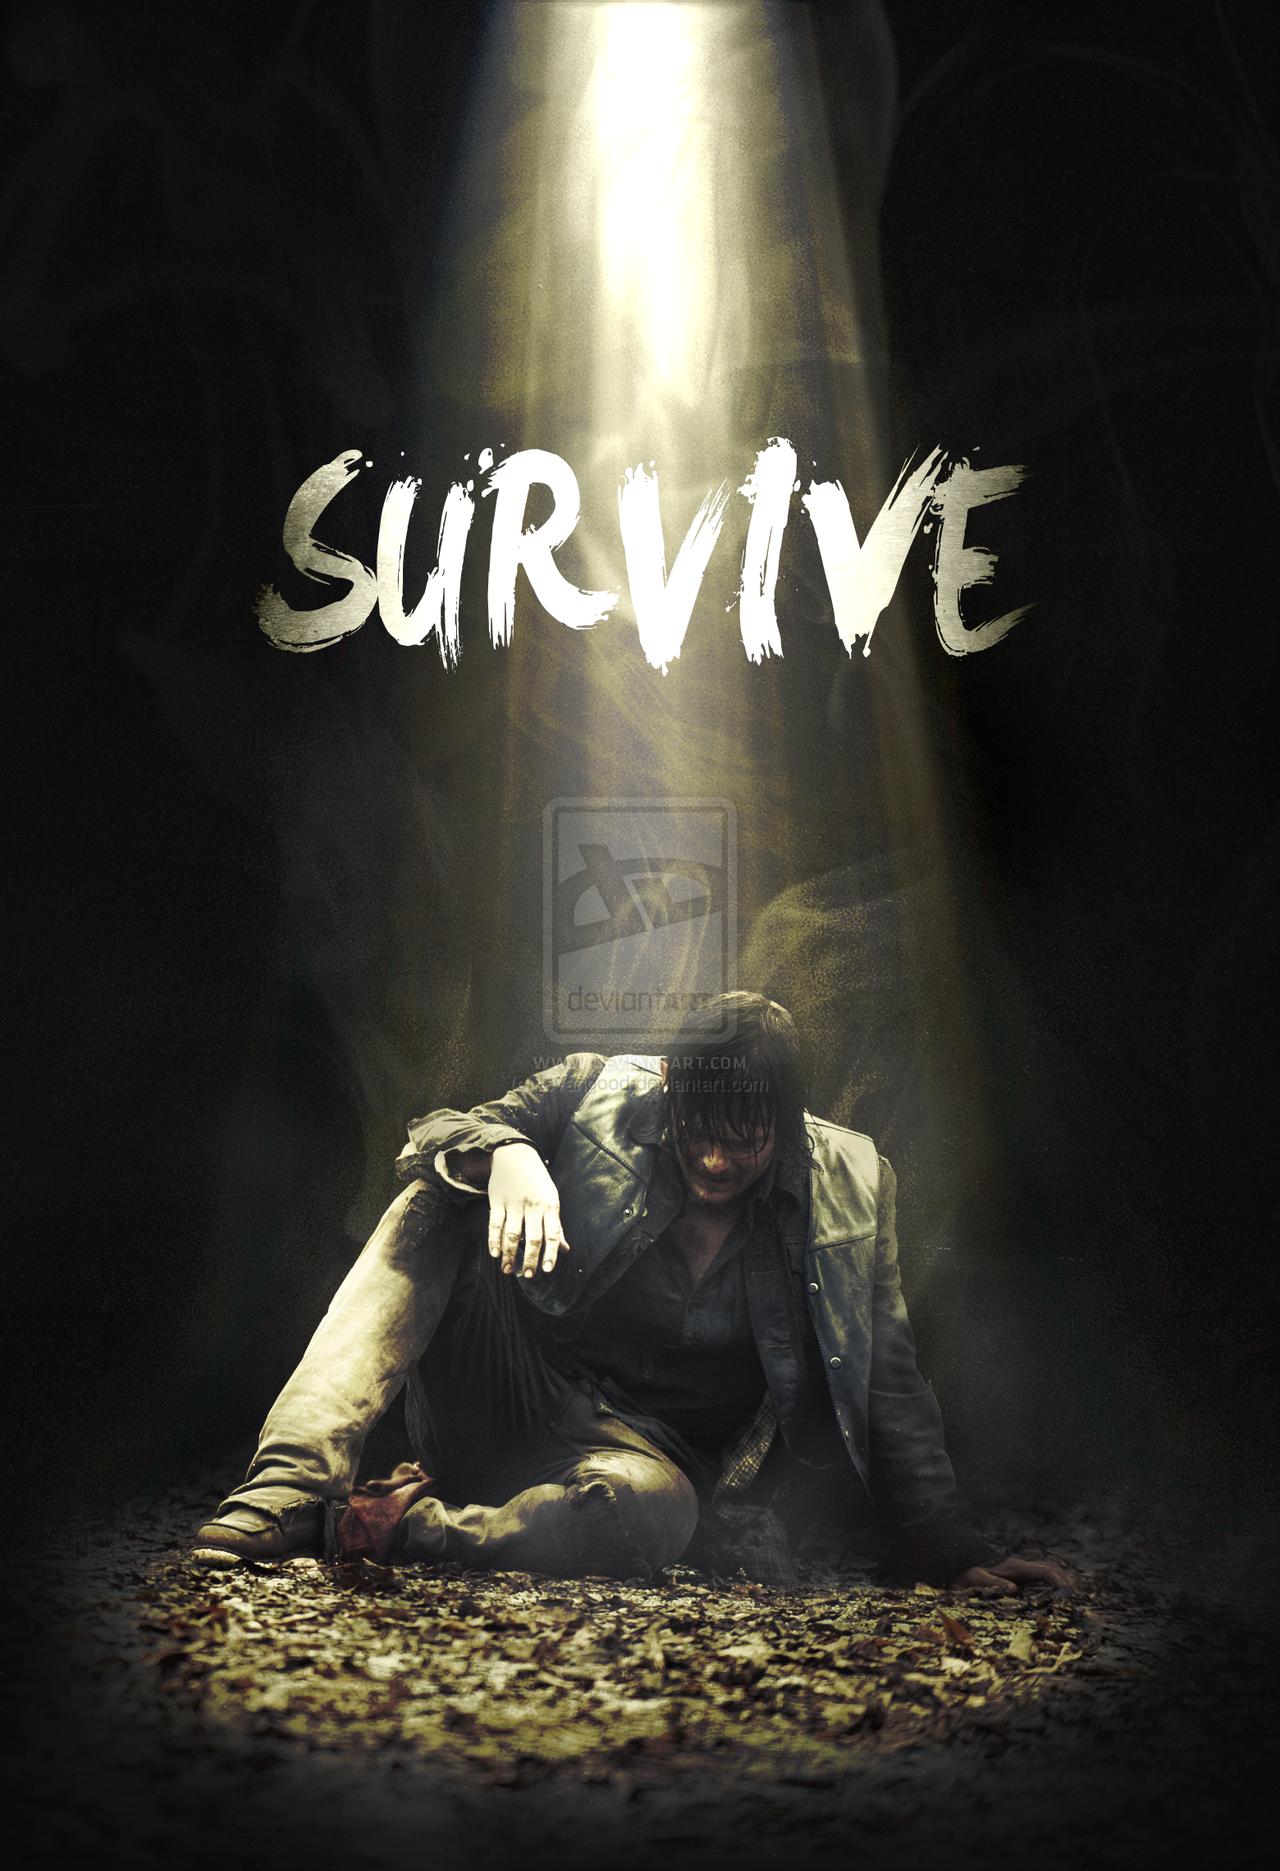 Walking Dead Season 5 Hd Wallpaper